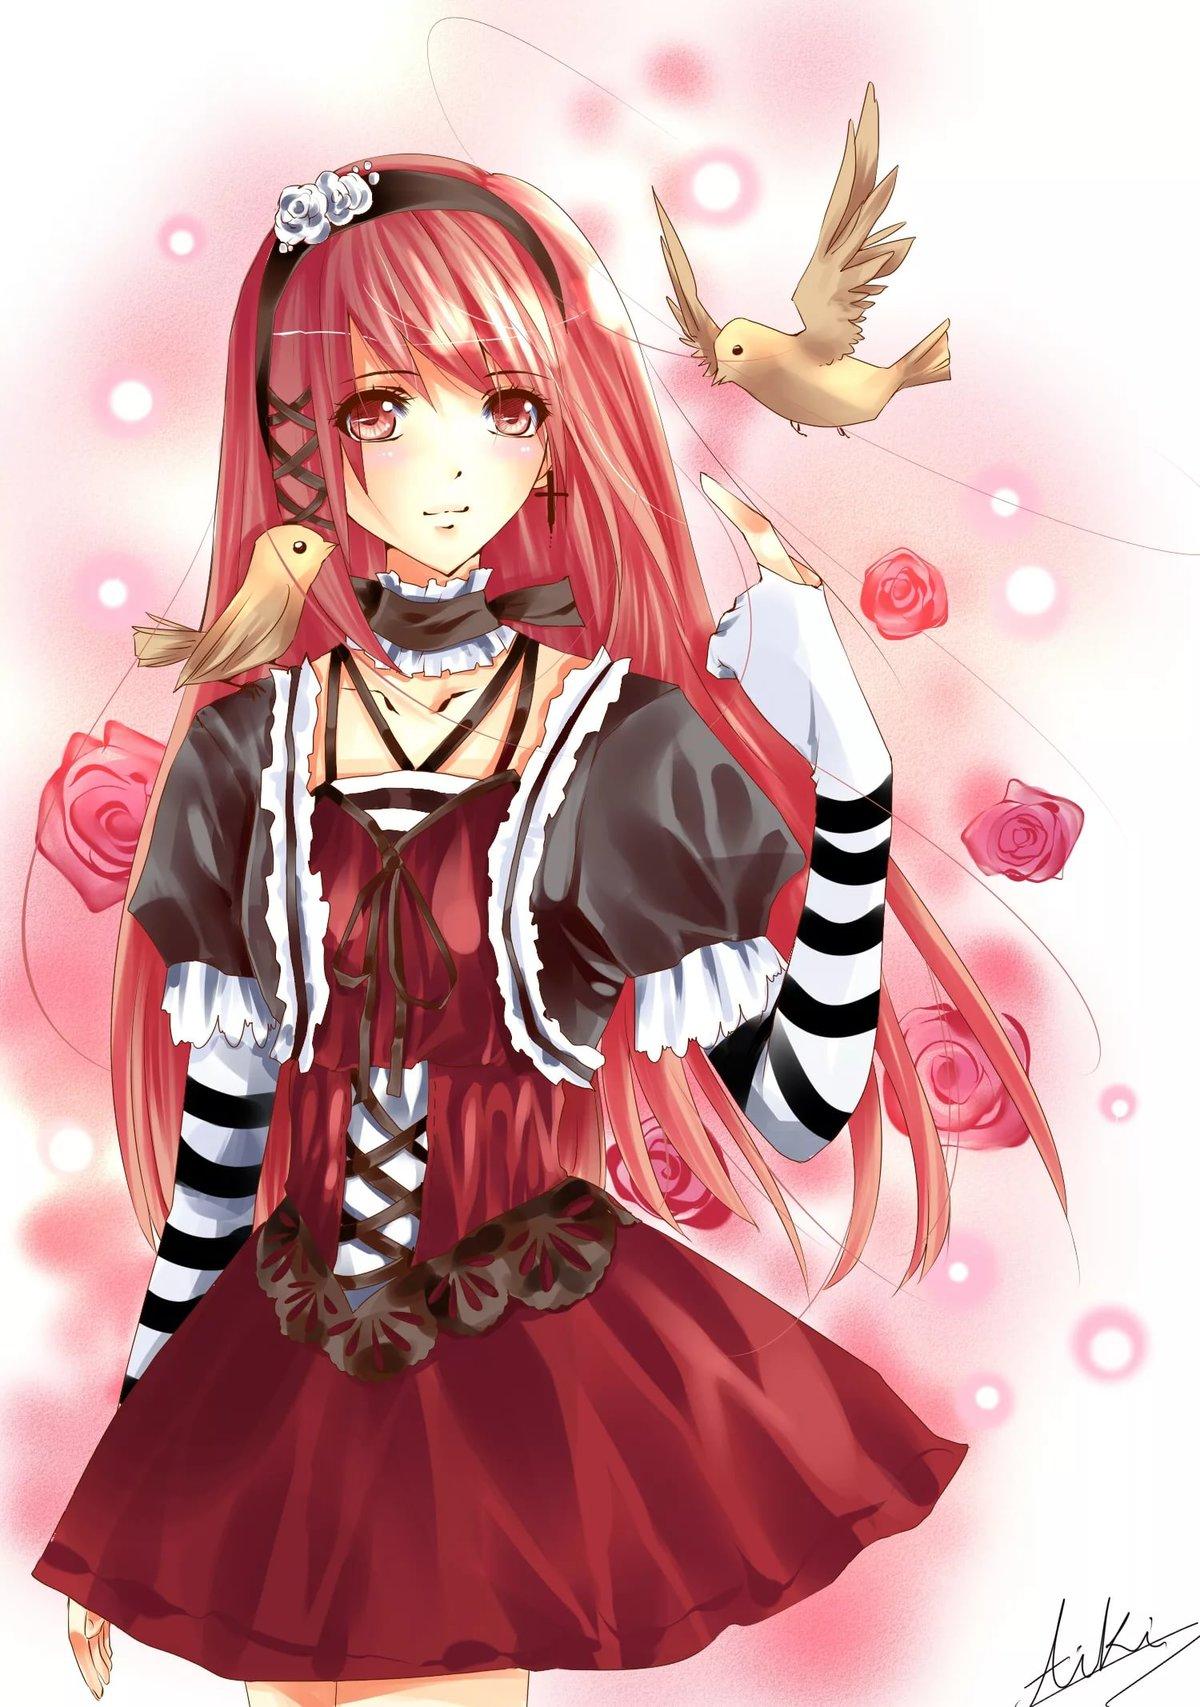 Аниме картинки девушек с красными волосами